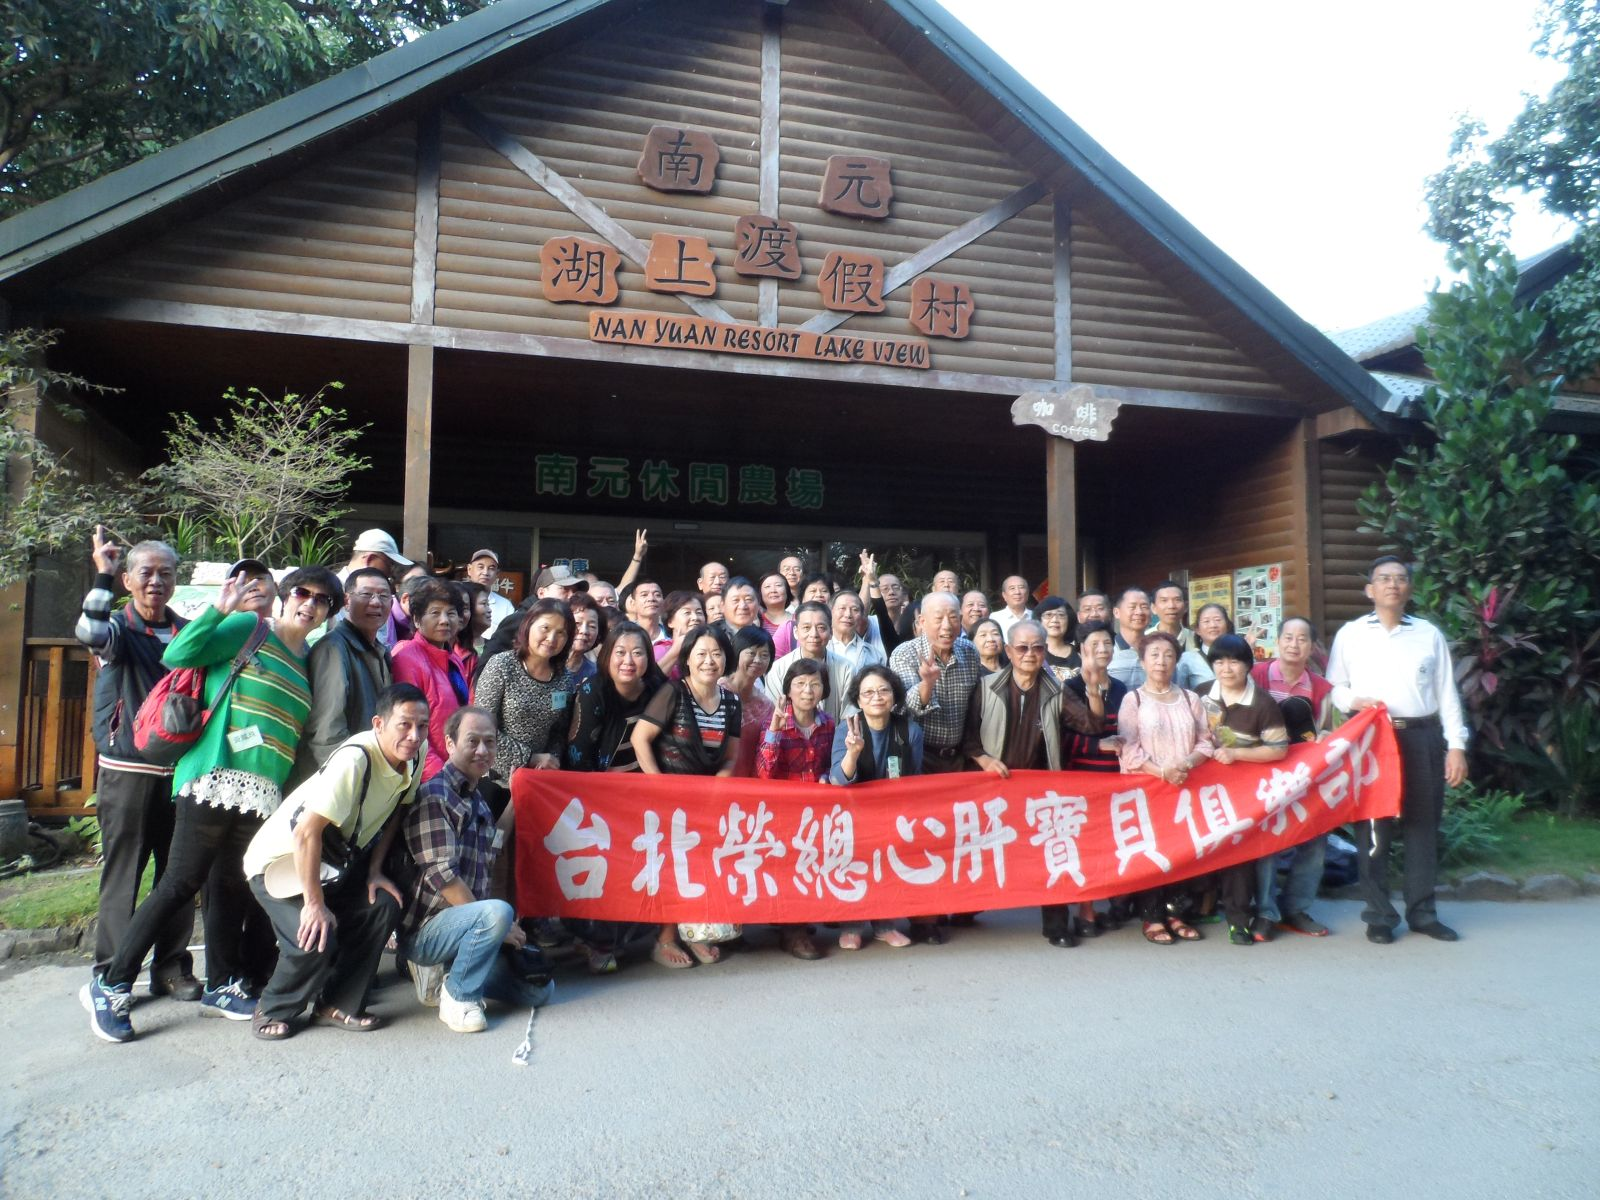 2014年11月23日南元湖上渡假村之旅